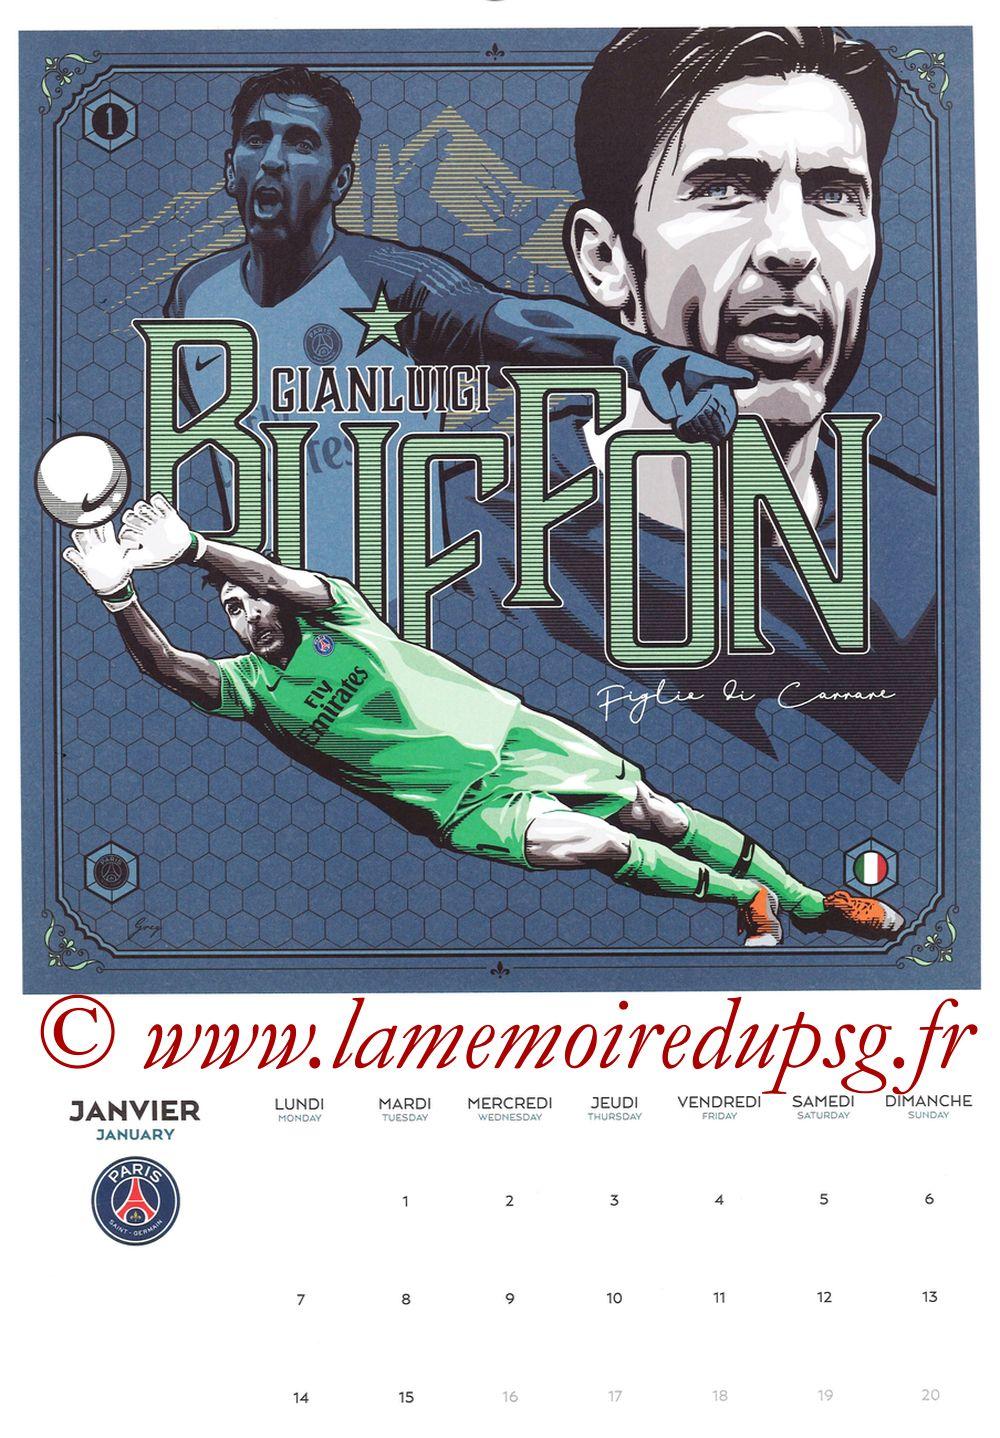 Calendrier PSG 2019 - Page 01 - Gianluigi BUFFON